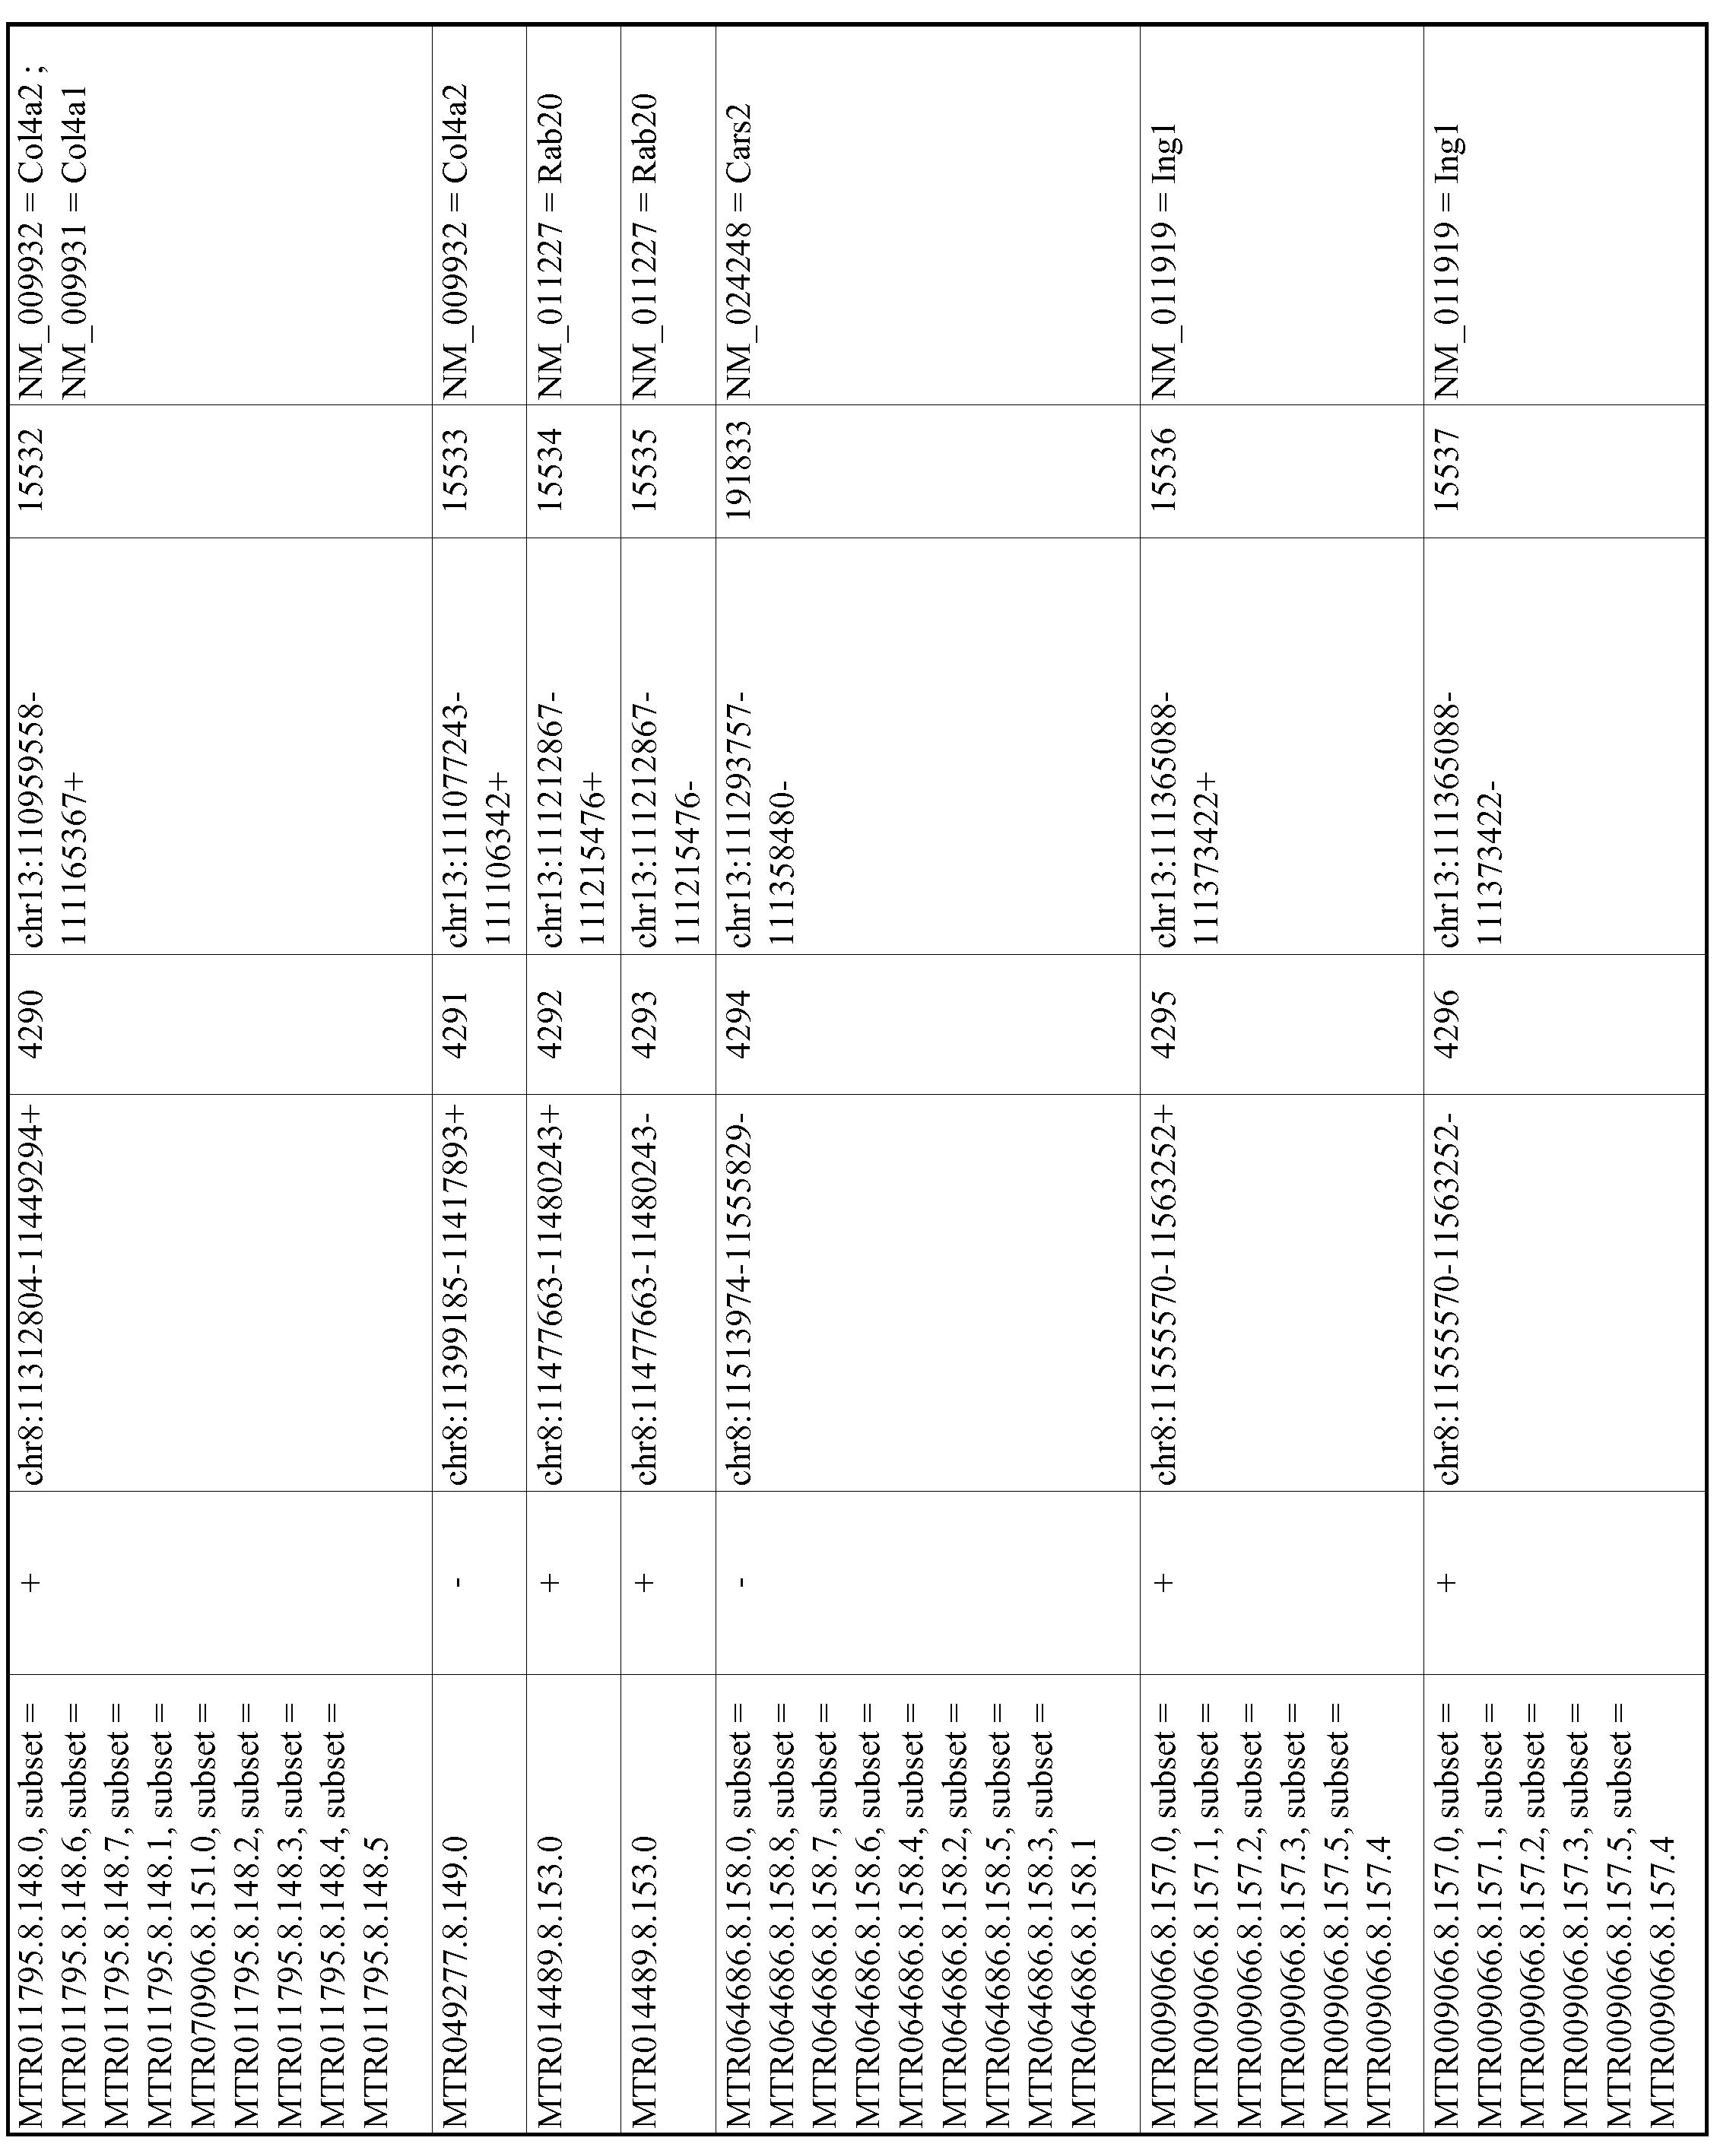 Figure imgf000811_0001